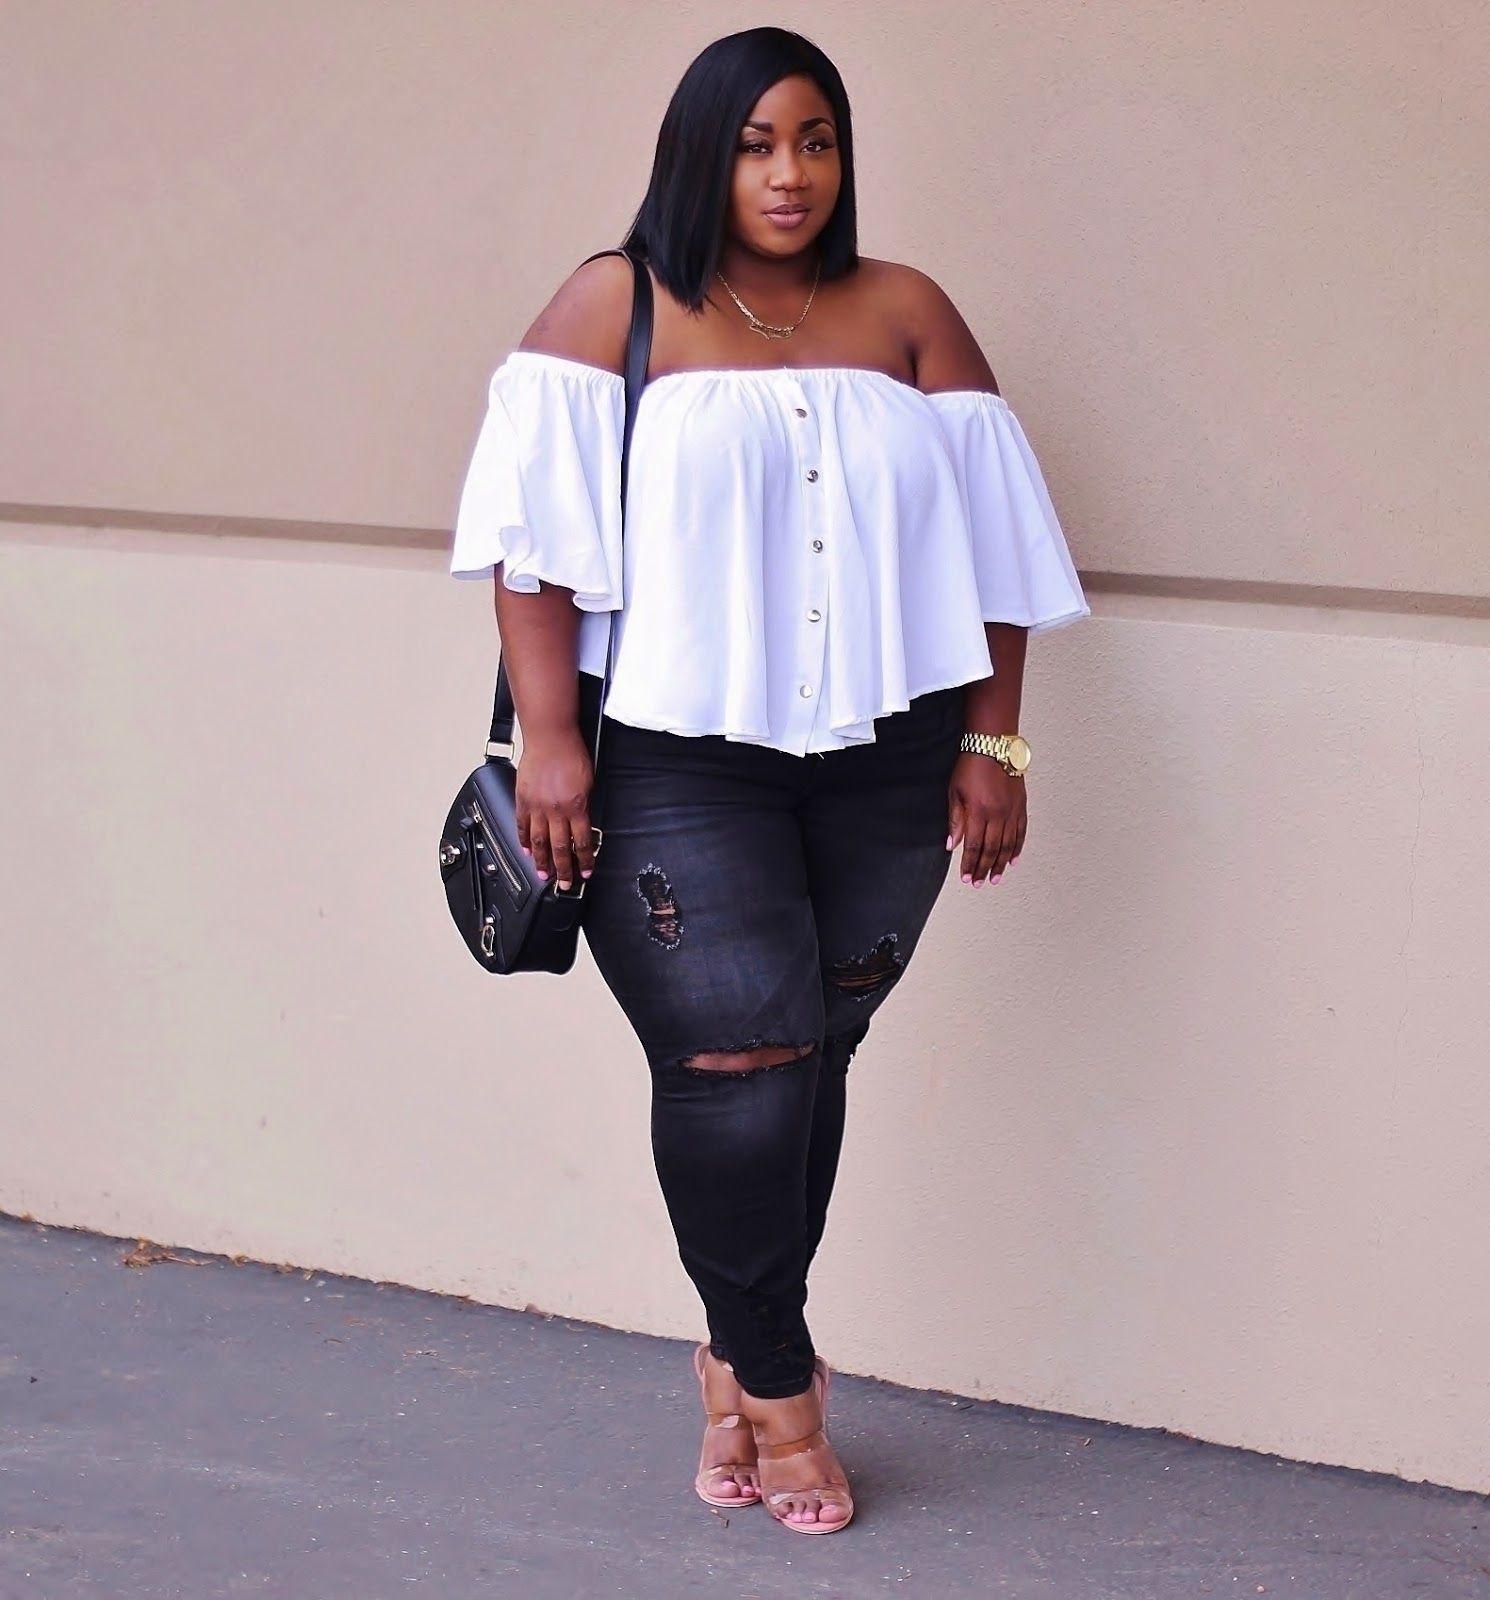 006d2183770 Plus Size Fashion for Women - LACE N LEOPARD  Domino Sparkle